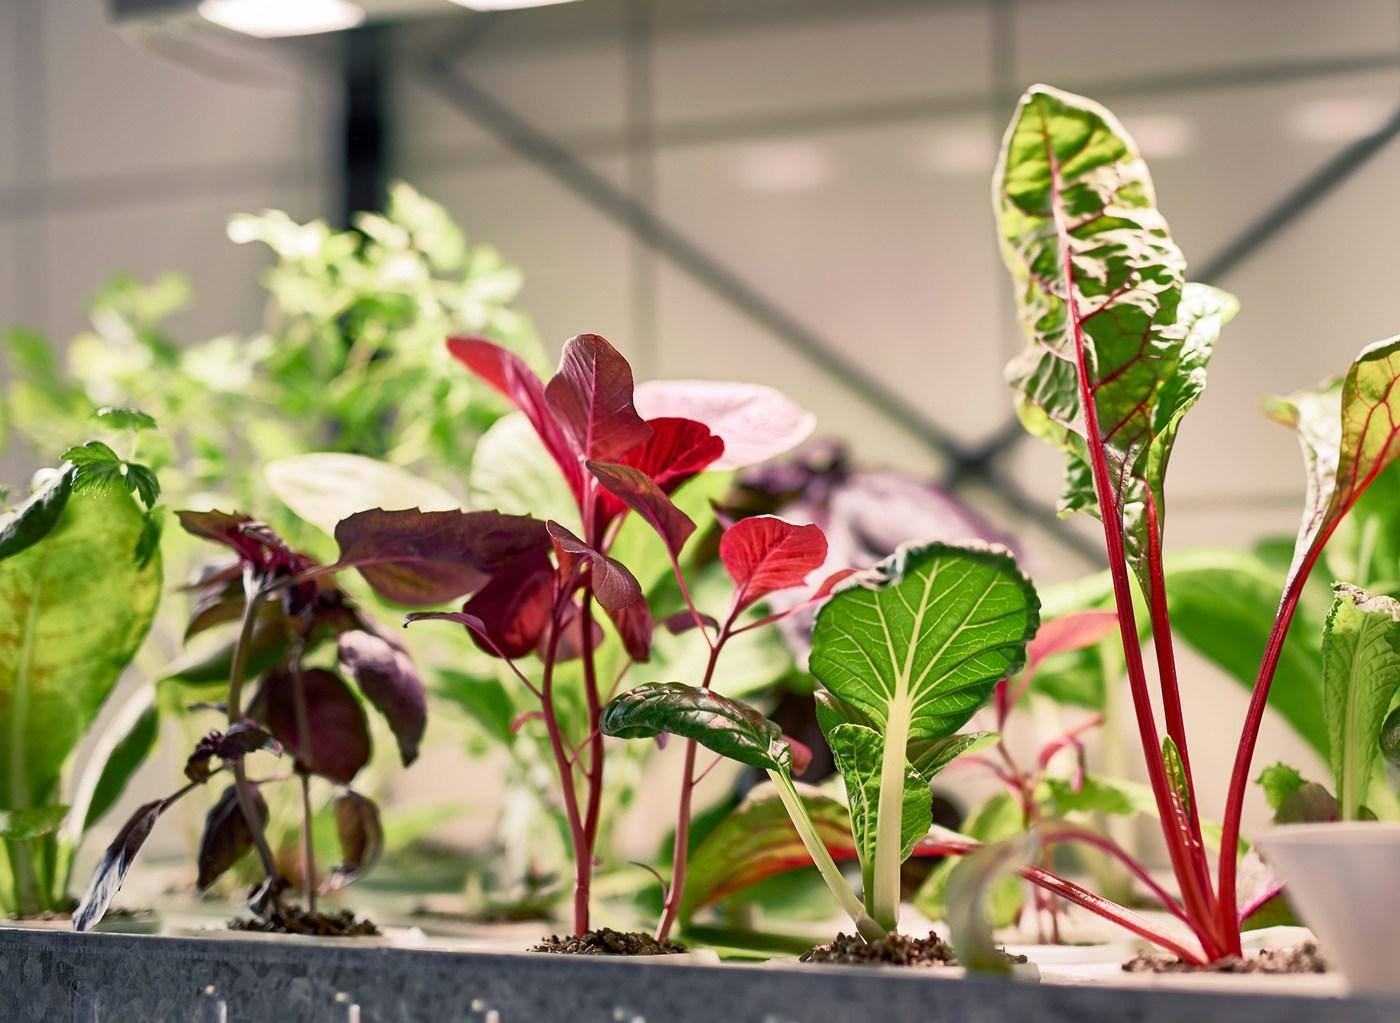 Groene en rode sla groeit in een hydrocultuursysteem